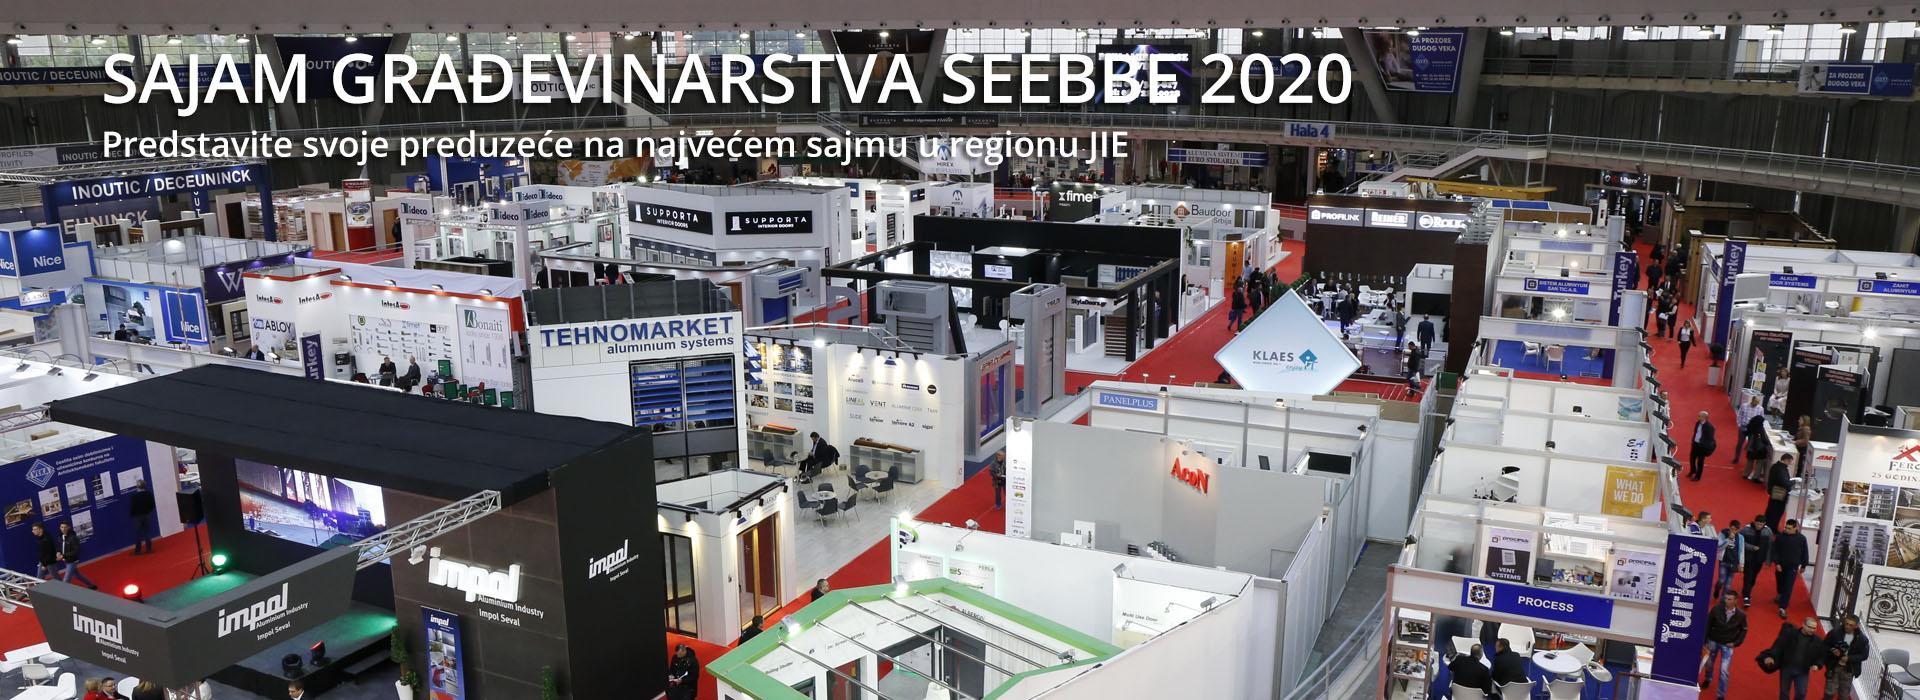 SAJAM GRAĐEVINARSTVA SEEBBE 2020